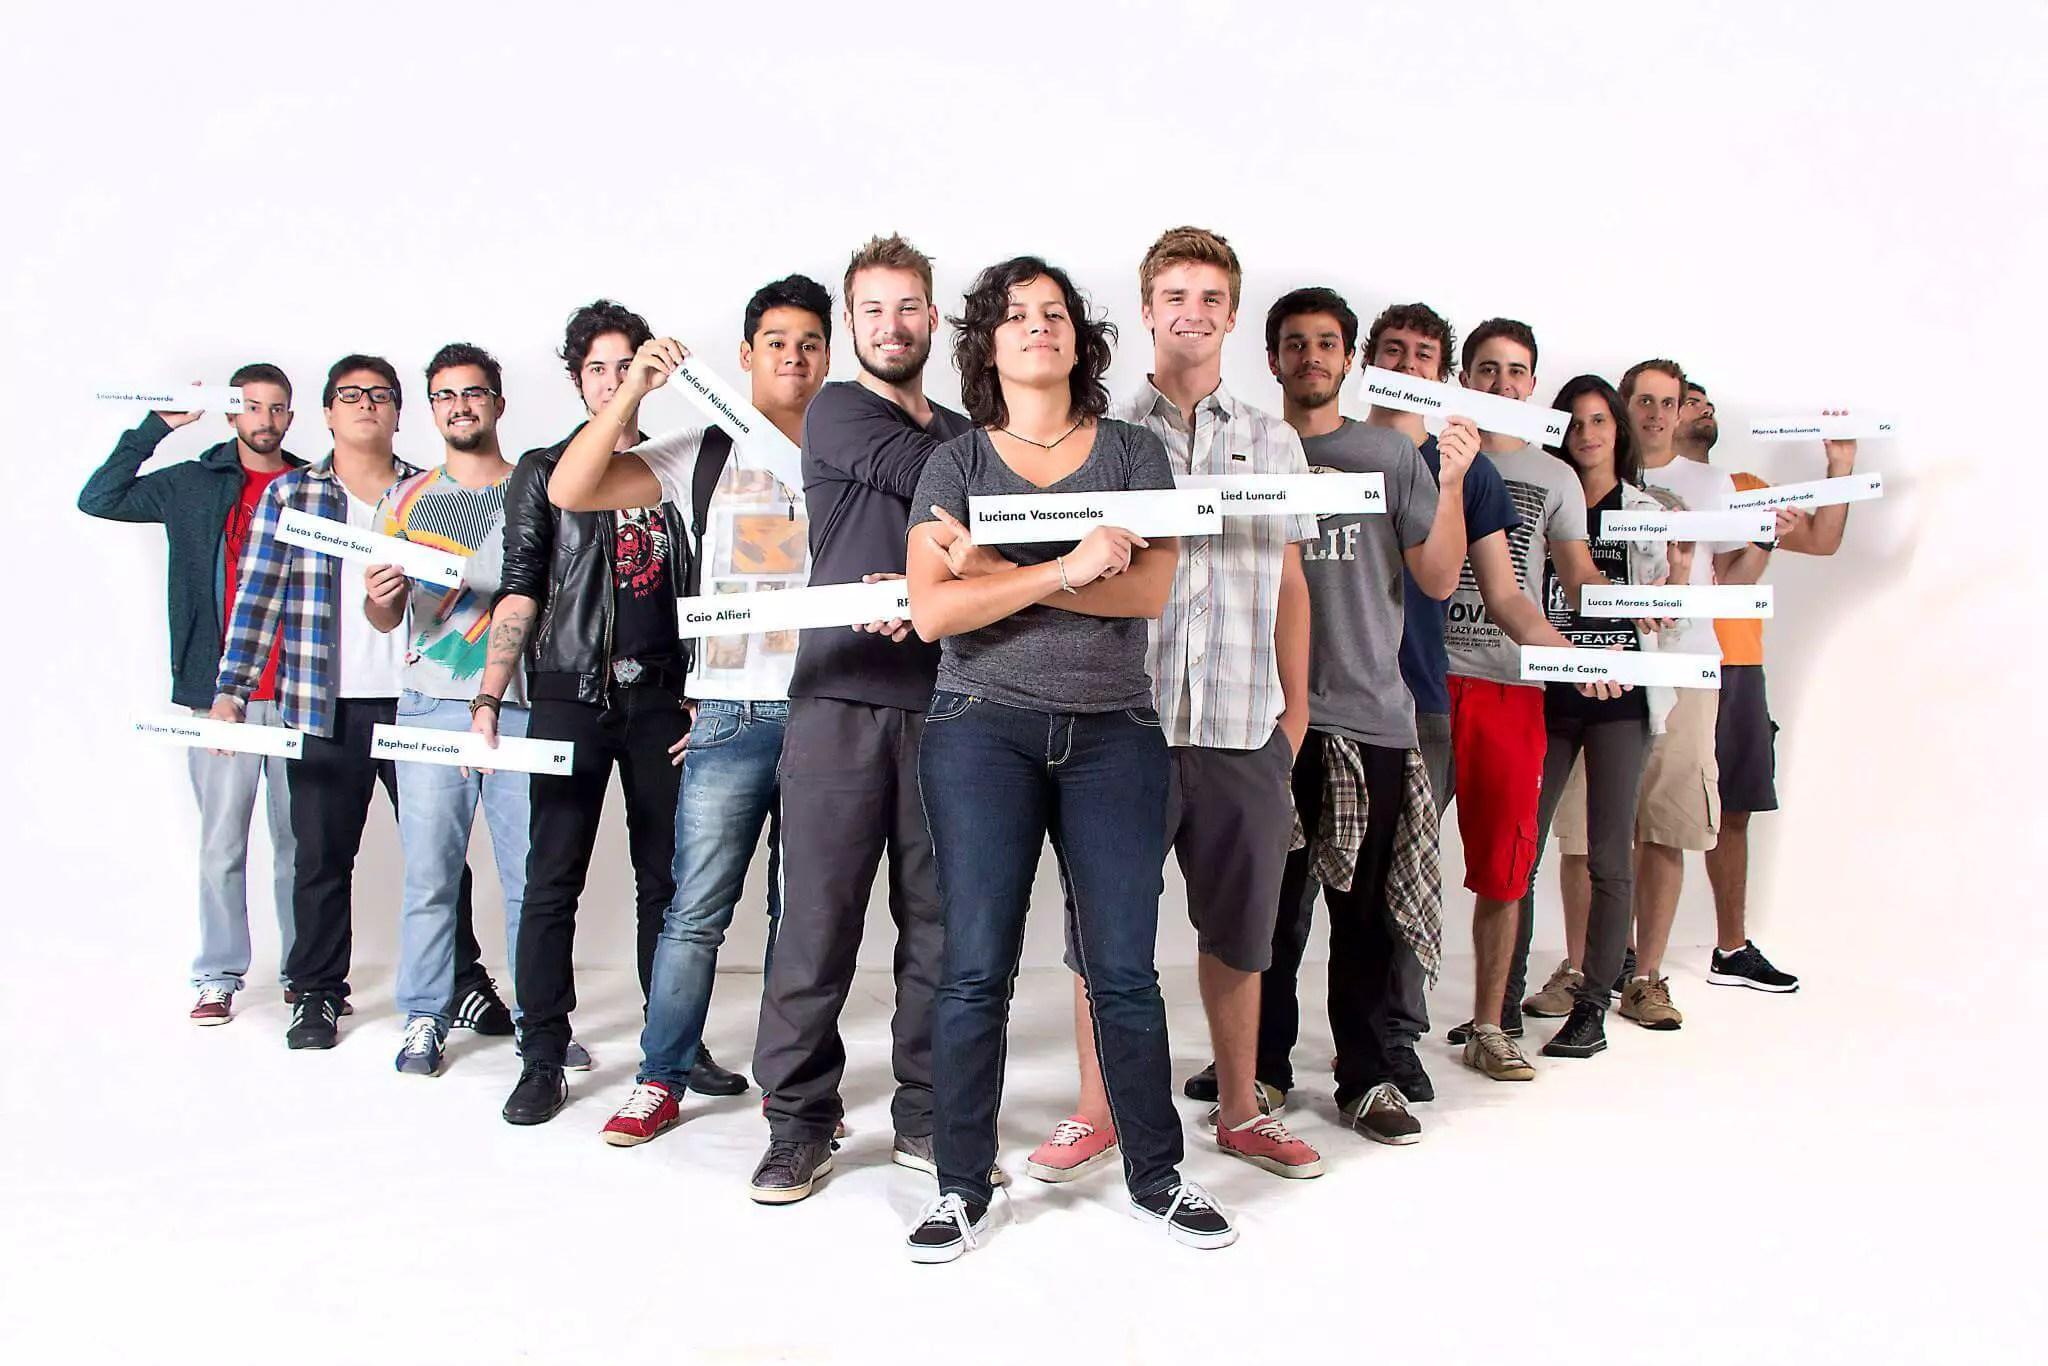 Miami Ad School turma 2014 Redator Diretor de Arte Miami Ad School/ESPM